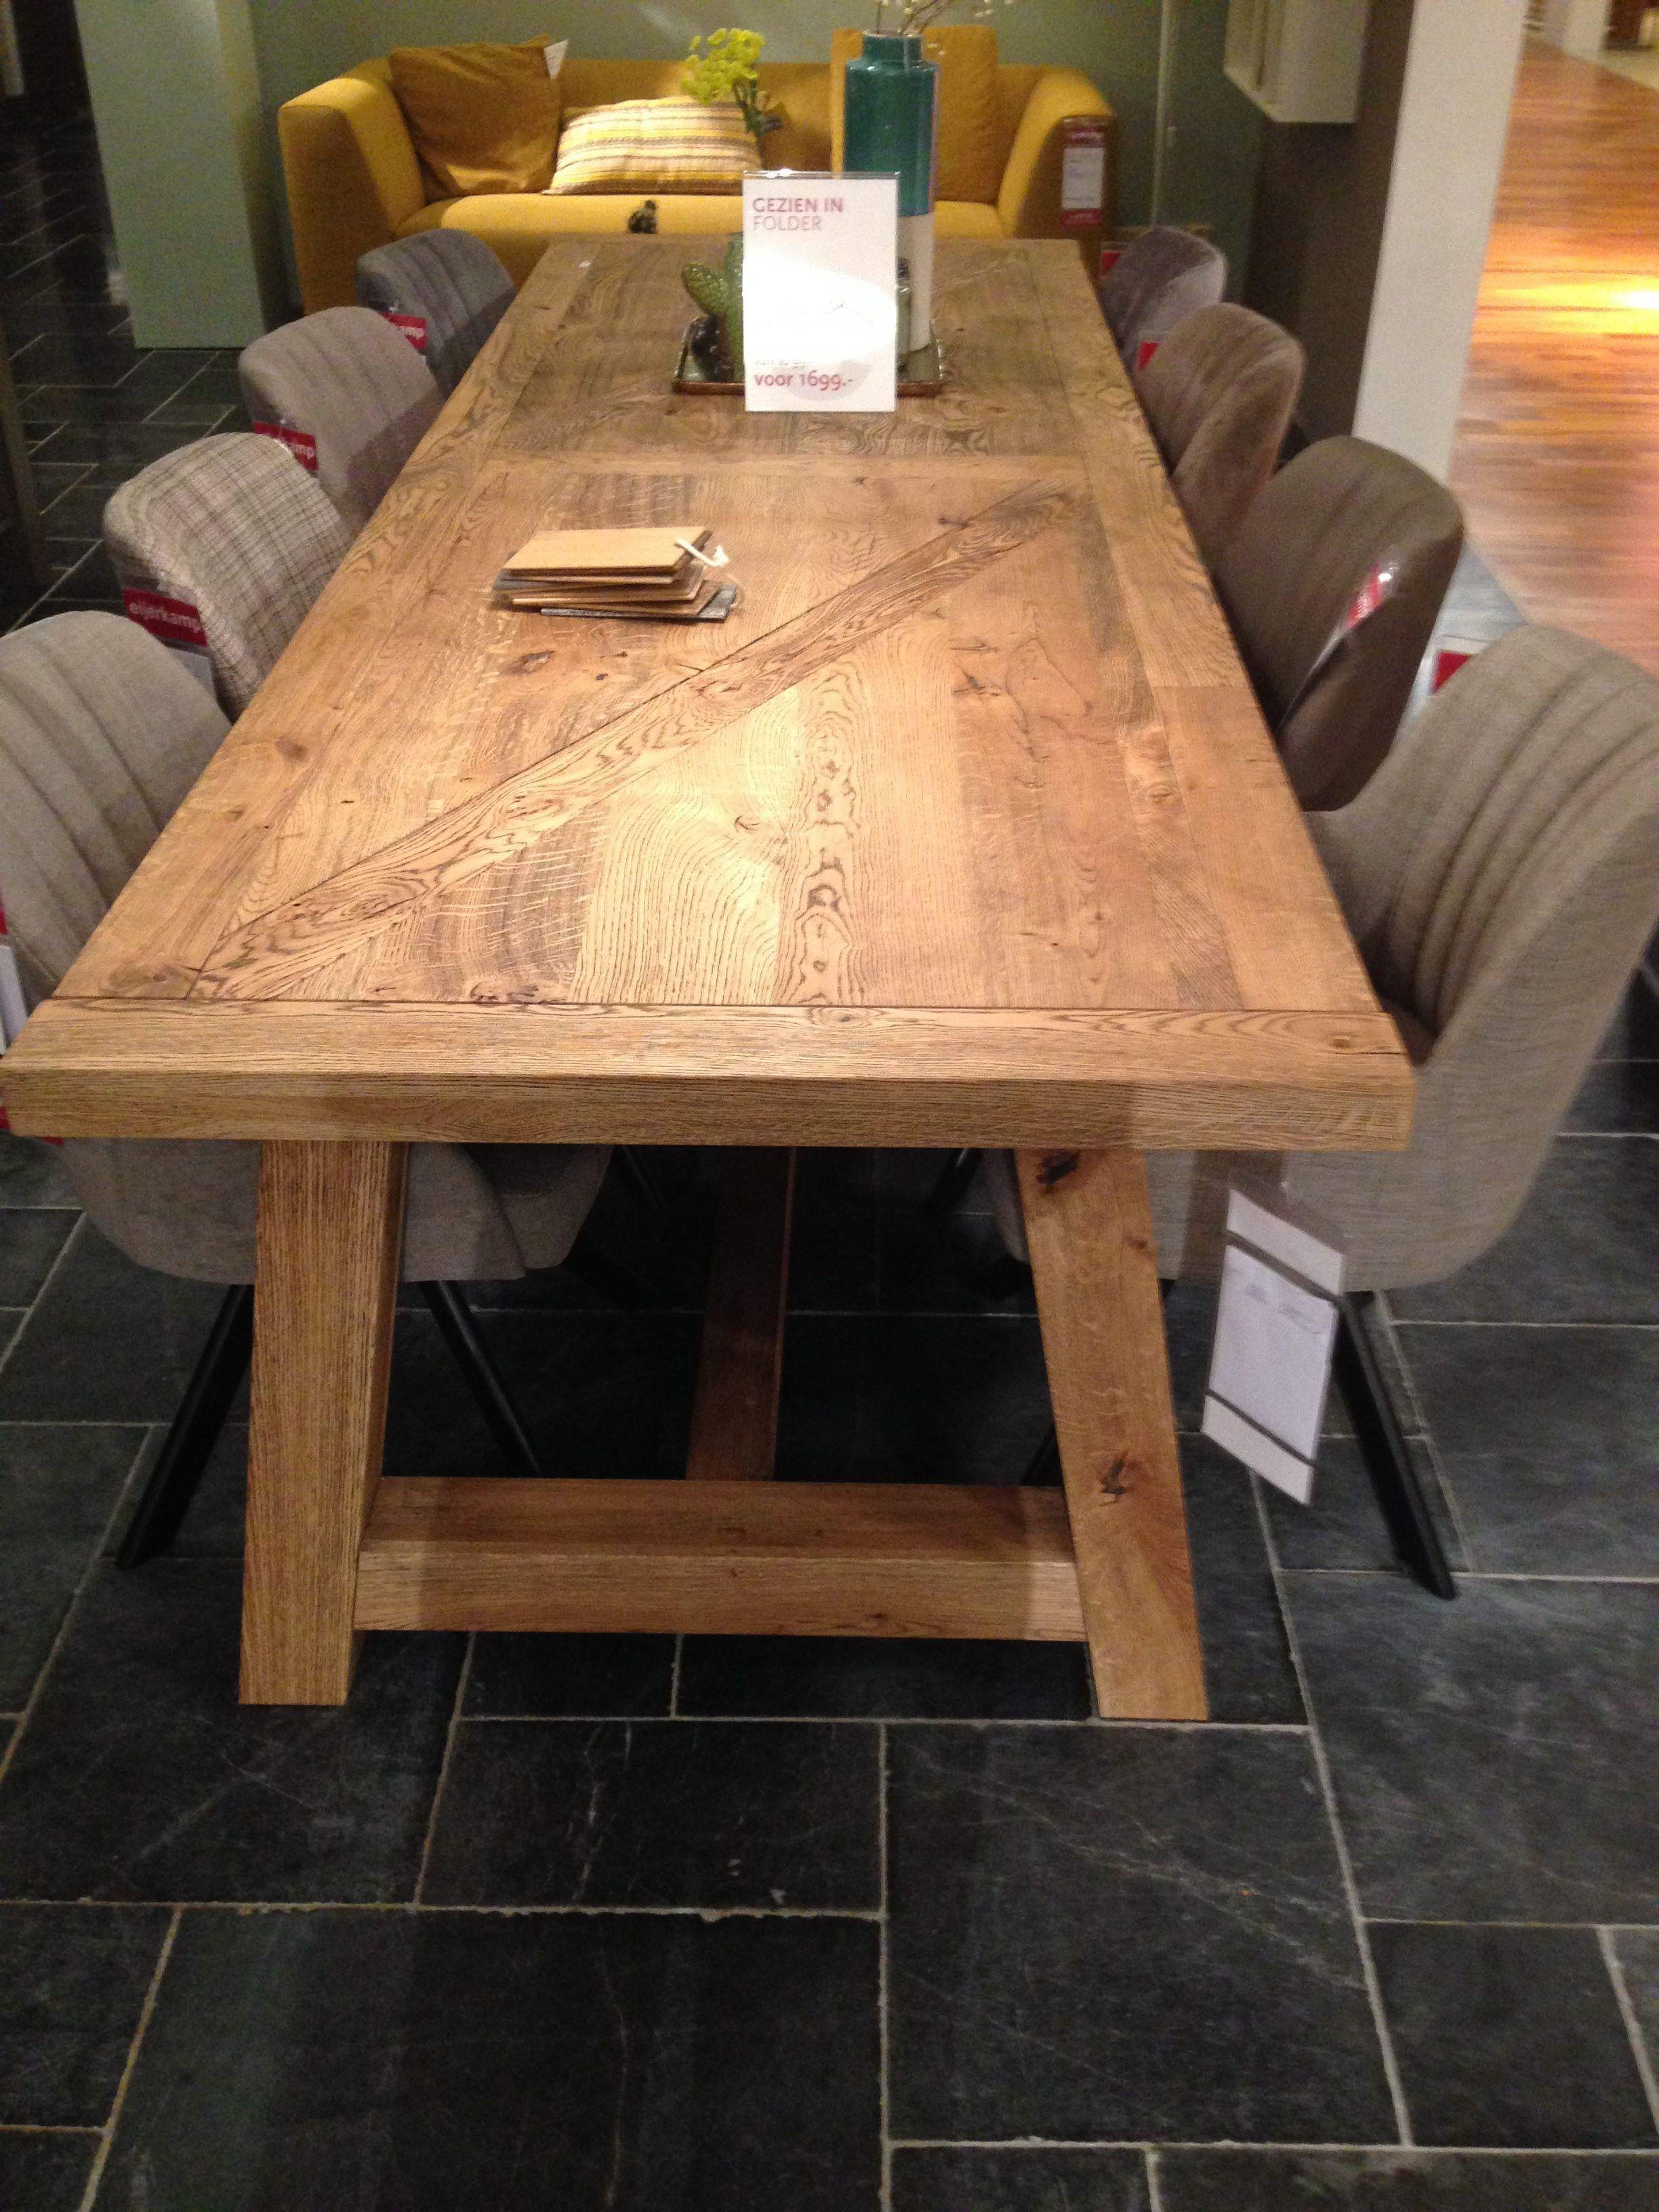 2d1e66277545f89472835be110e68094 Meilleur De De Table Pliante Cuisine Concept